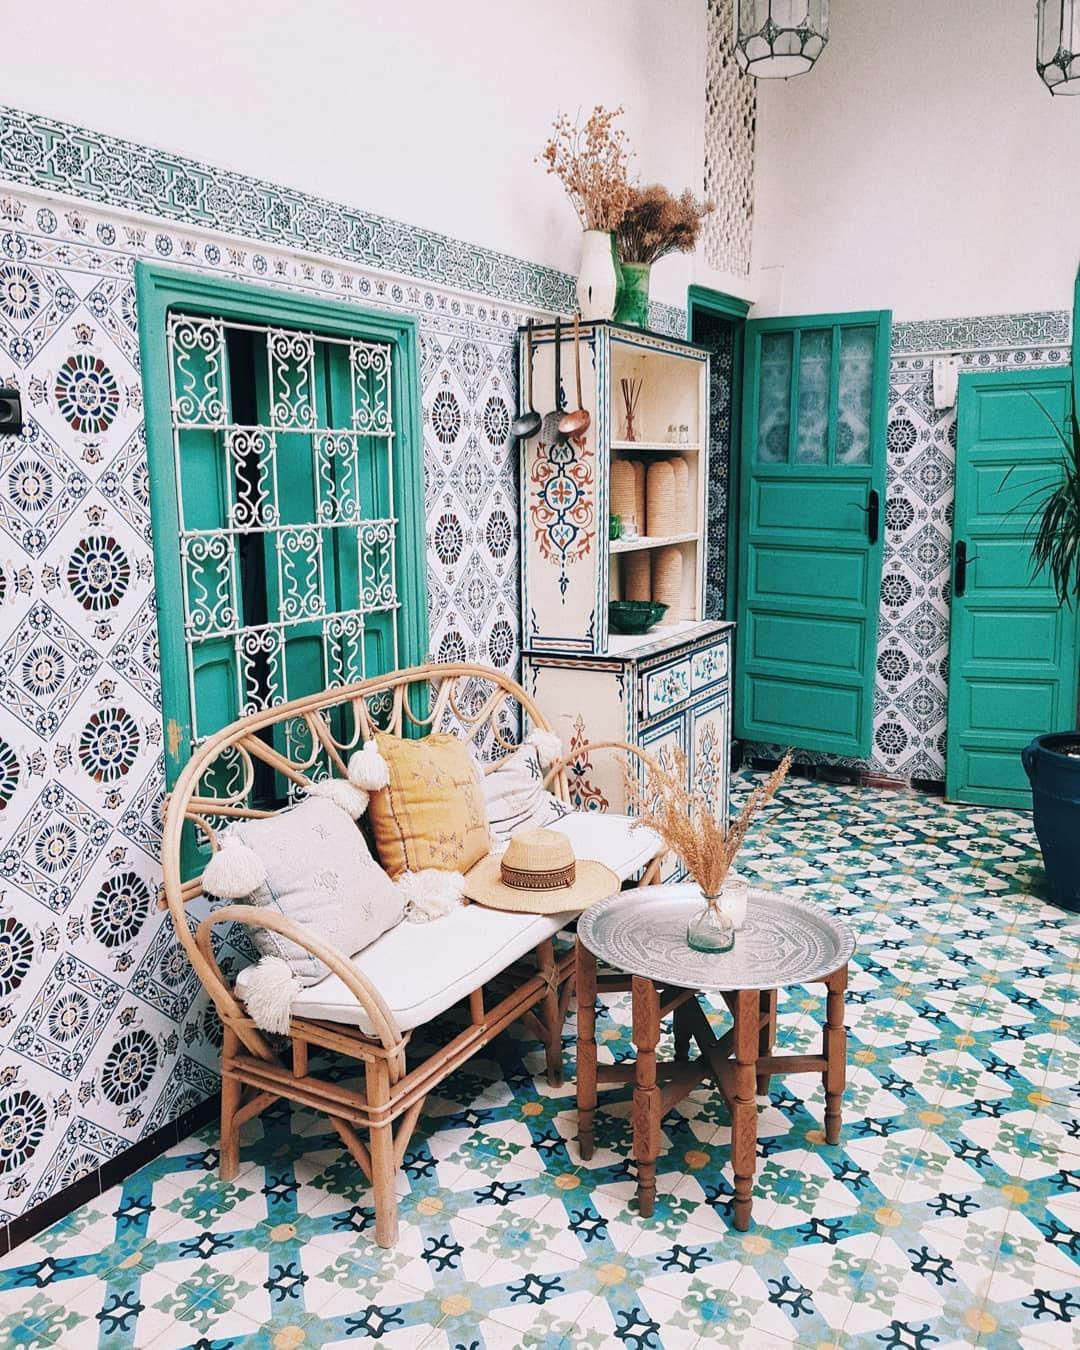 10 способов добавить детали модного марокканского стиля в интерьер